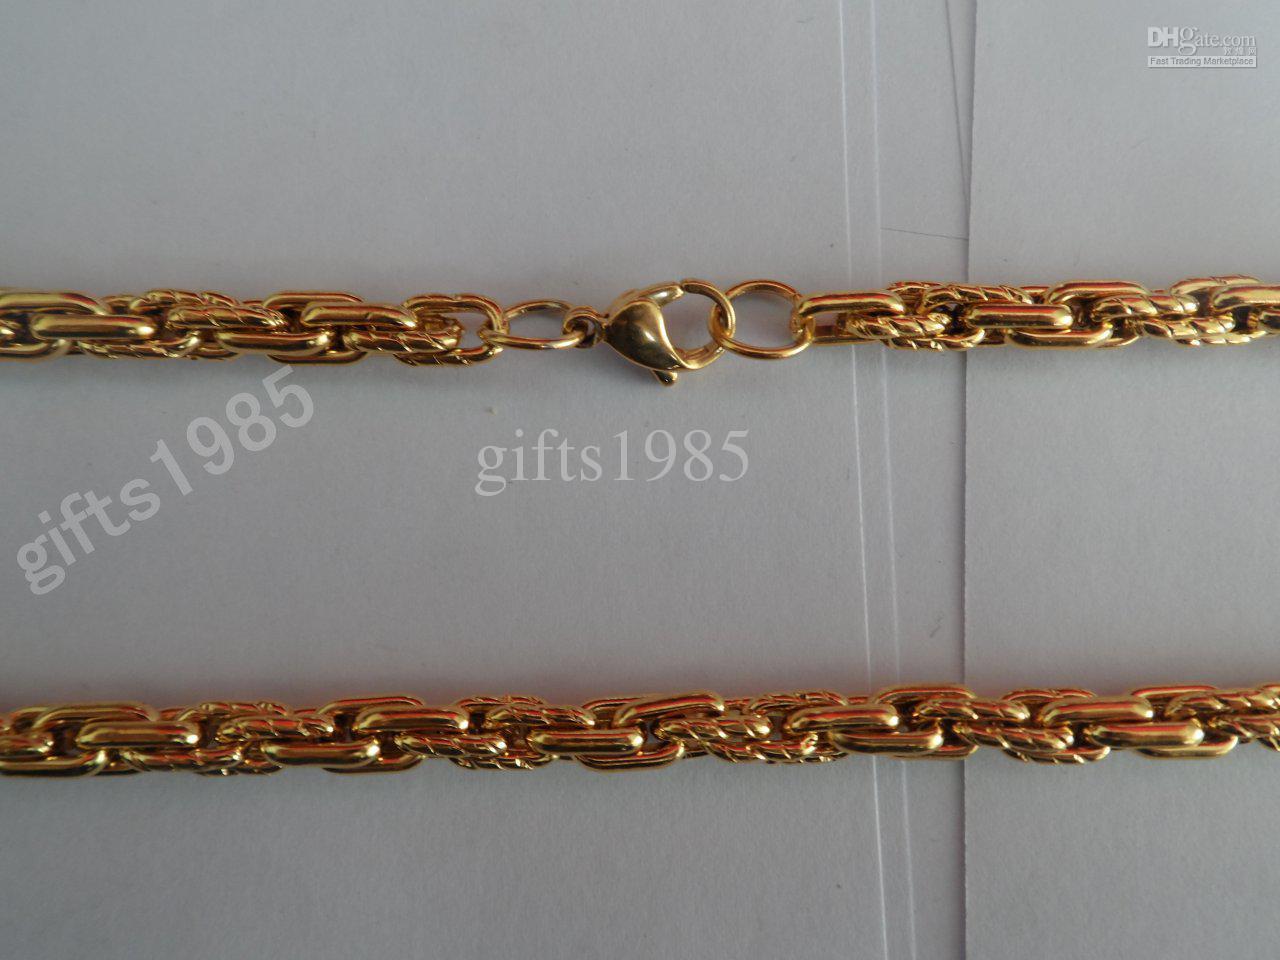 Modèle de collier tendance multi-maillons en acier inoxydable plaqué or, envoyé à des amis